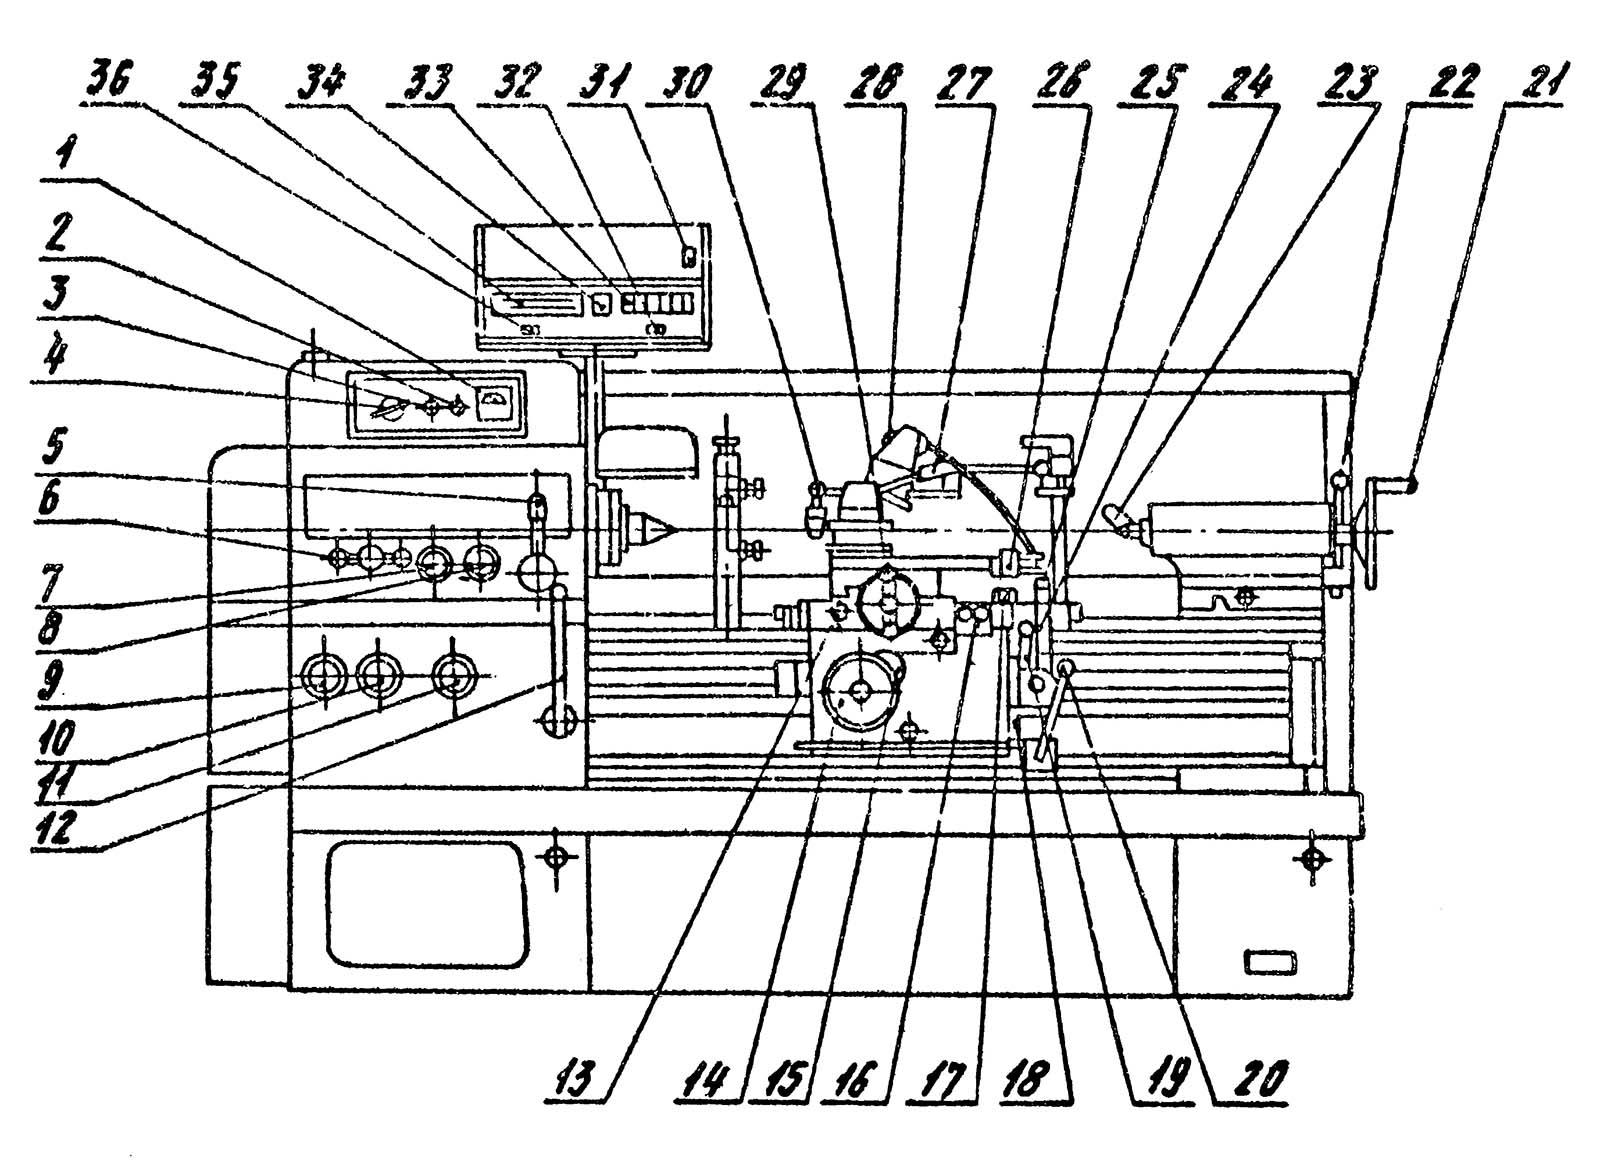 1в61 станок токарно-винторезный универсальный. паспорт, схемы, характеристики, описание